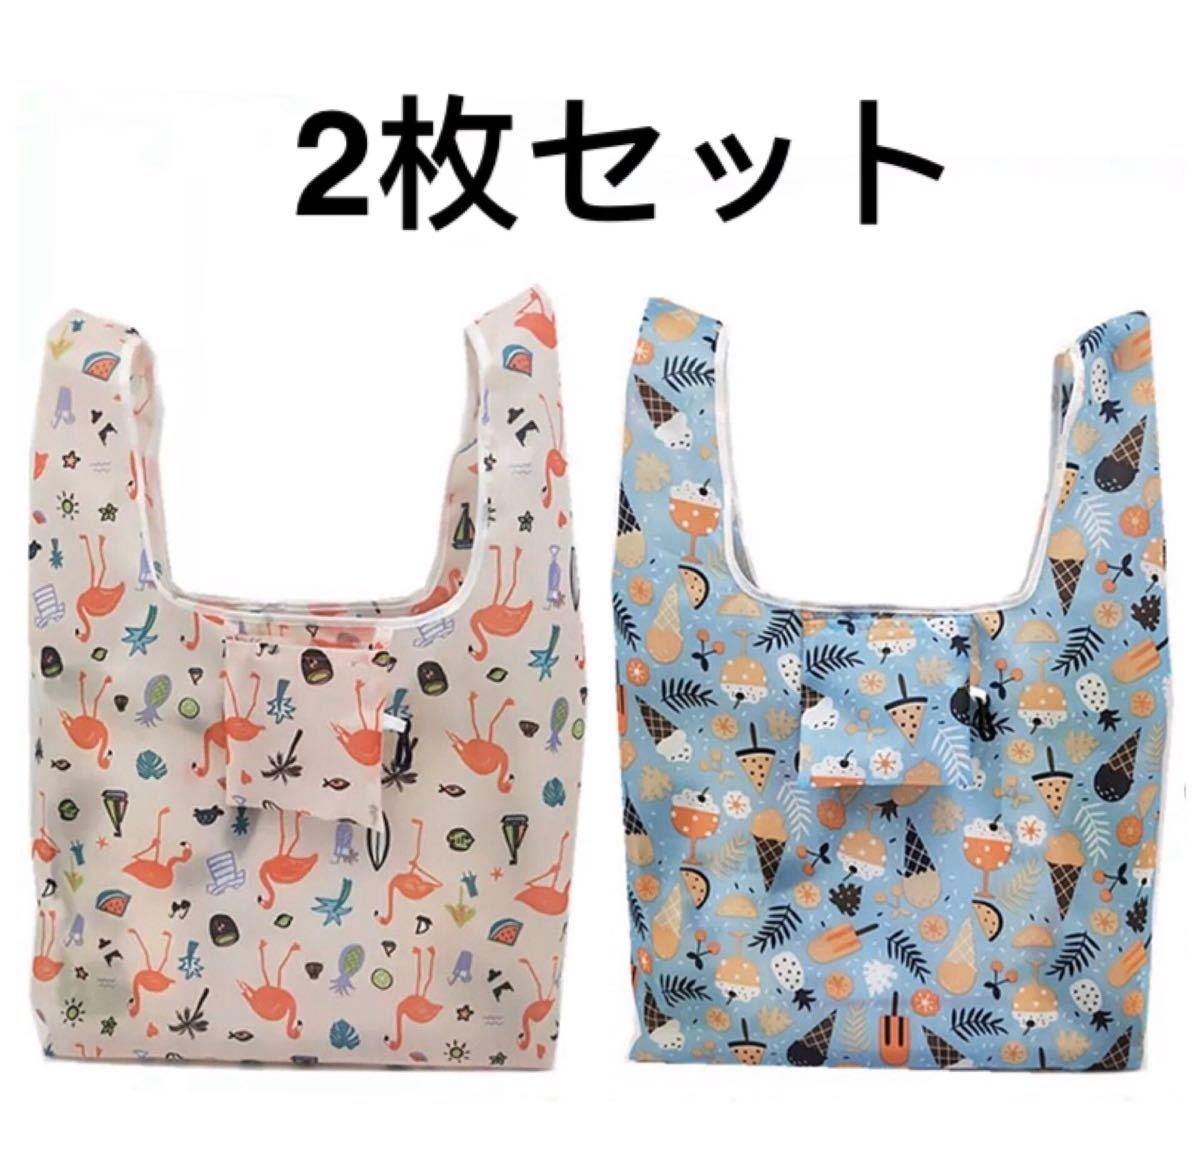 エコバッグ 折りたたみ ショッピングバッグ 買物袋 可愛い 防水 2枚セット